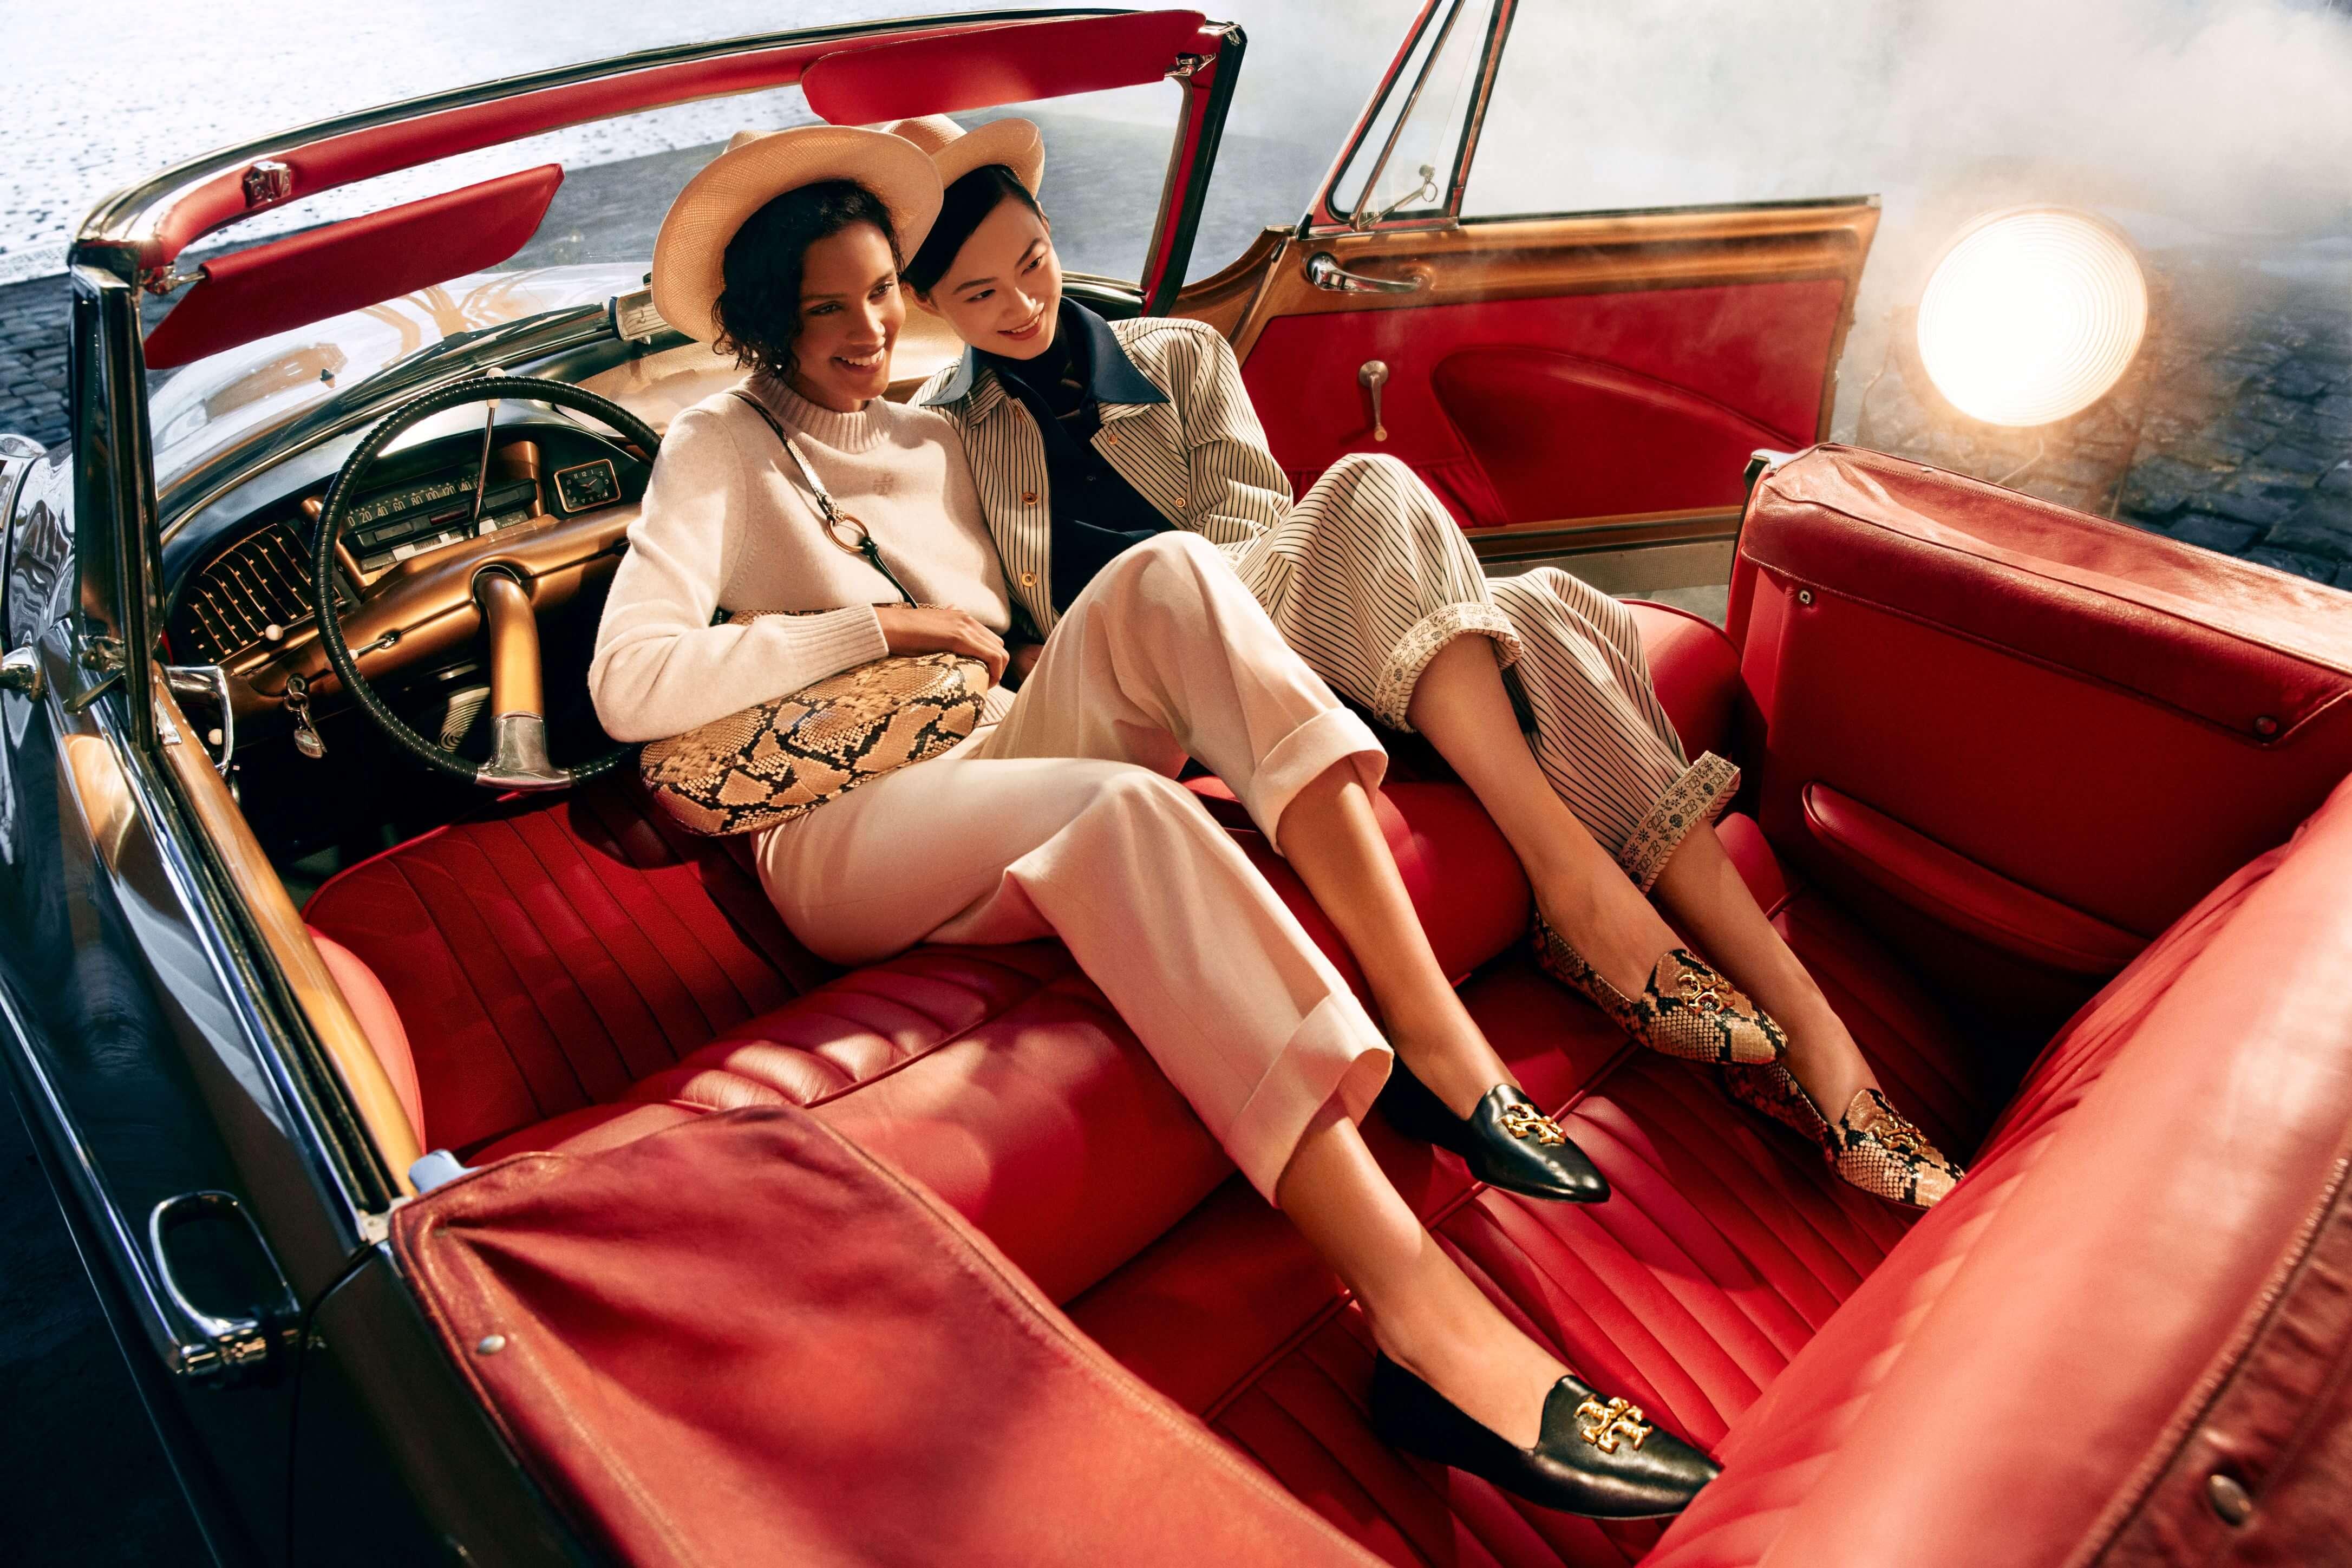 Zwei Models in einem Auto mit roten Ledersitzen tragen Tory Burch Outfits aus dem Jahr 2021